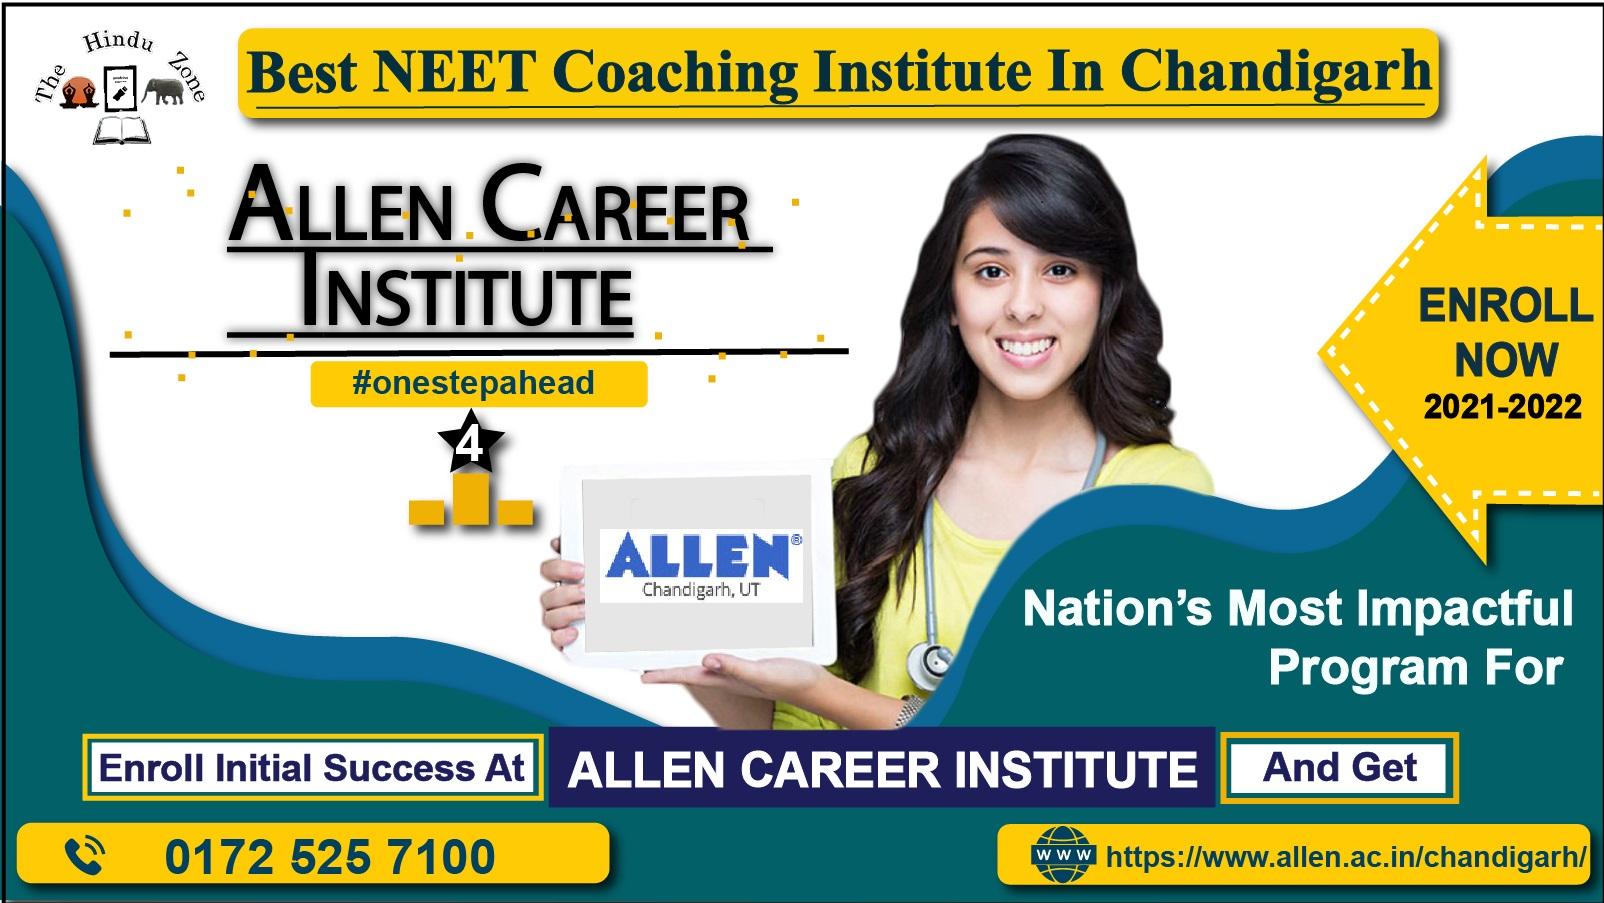 Allen Career Institute For neet Exams